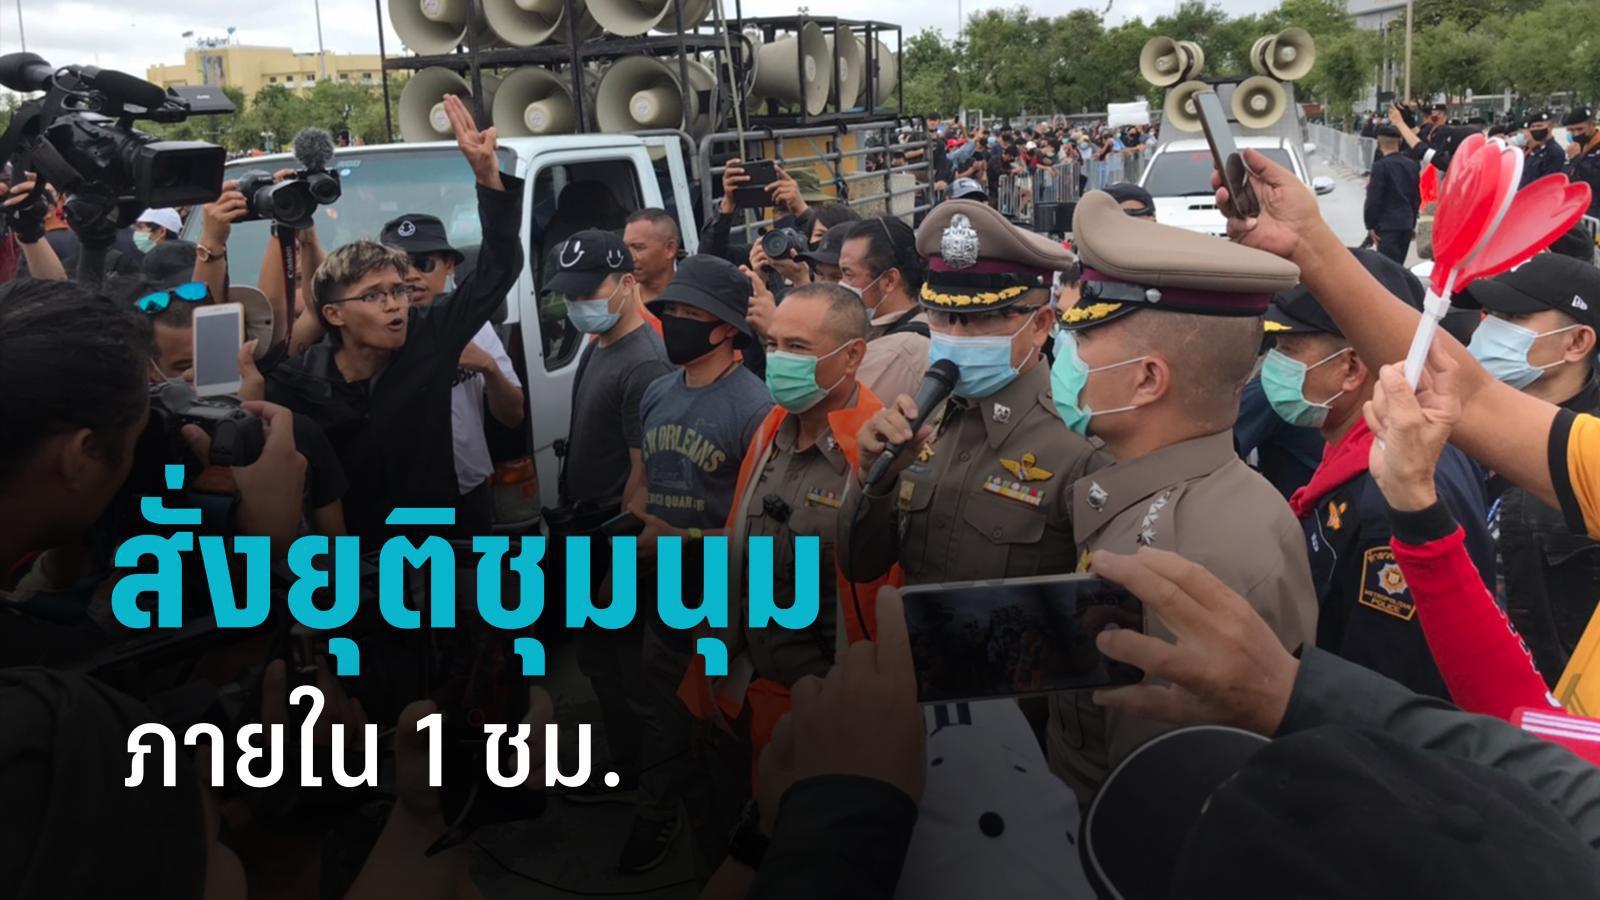 ผู้ชุมนุมตั้งเวทีสนามหลวง ตำรวจแจ้งให้ออกจากพื้นที่ภายใน 1 ชั่วโมง แนวร่วมไม่สน เคลื่อนสมทบ!